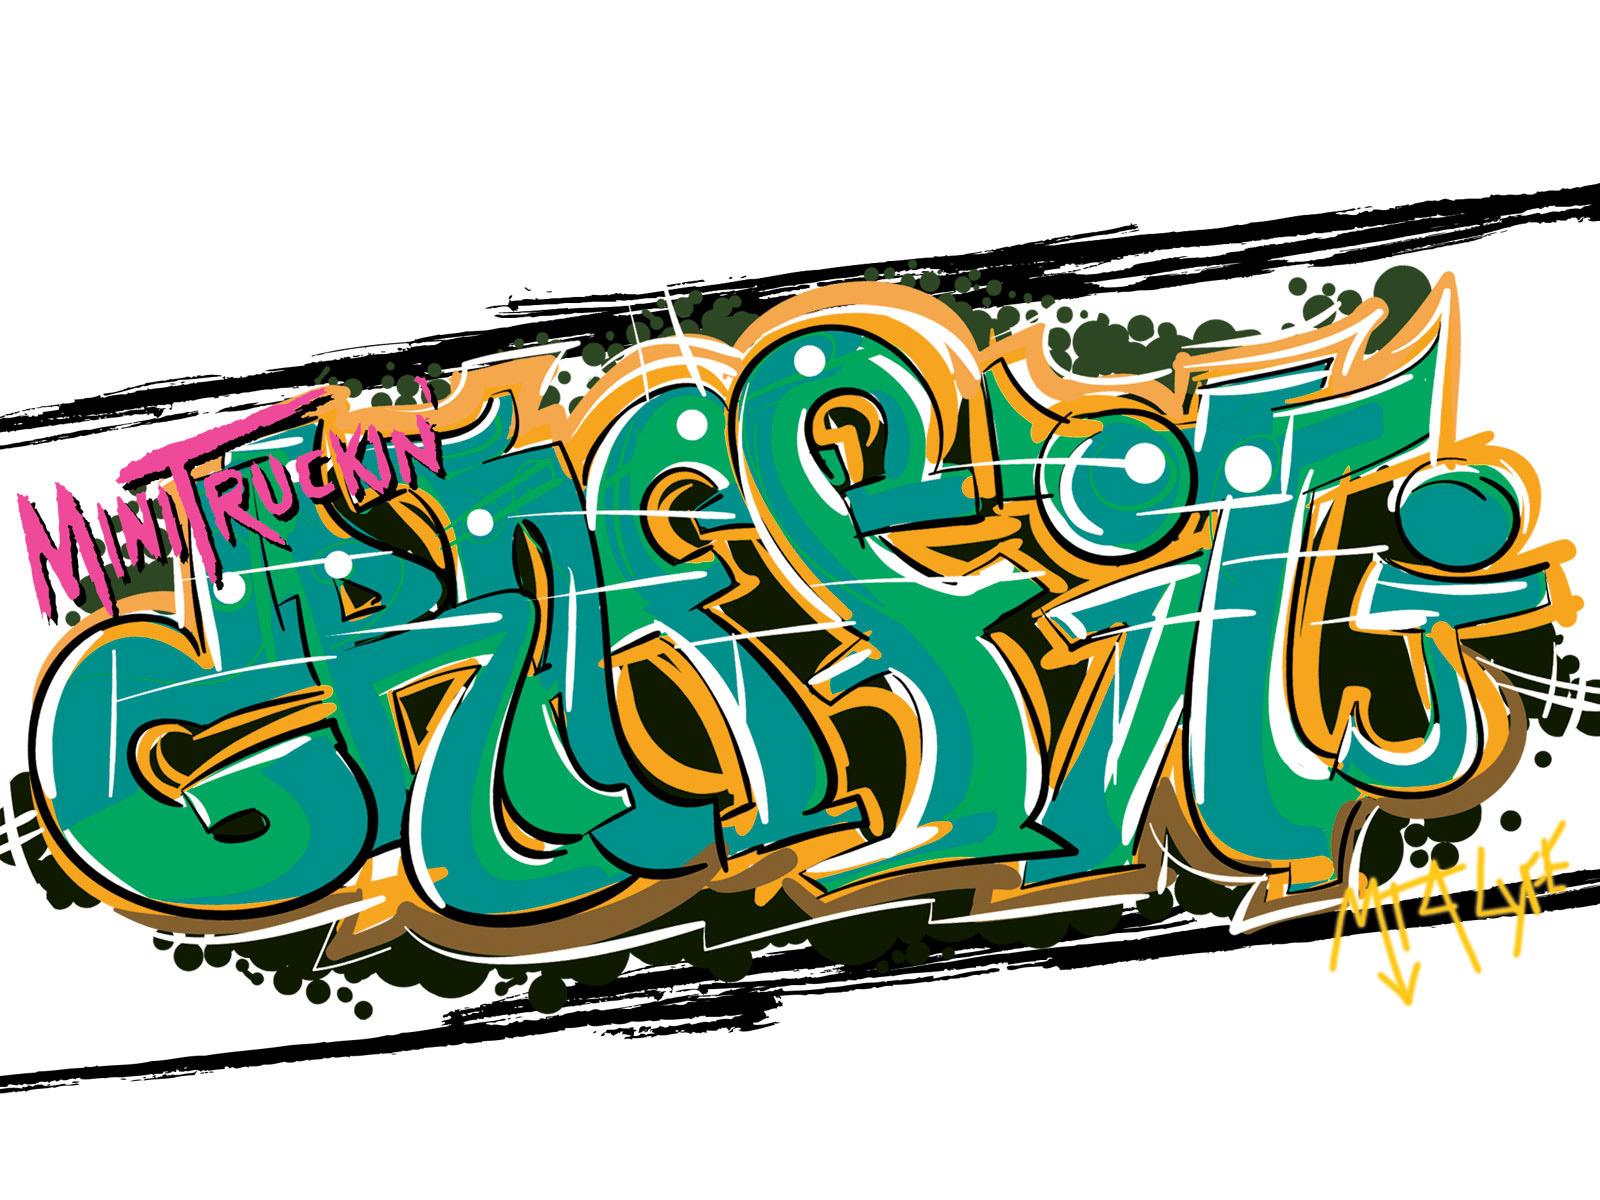 1104mt_04_+mini_truckin_graffiti_april_2011+graffiti